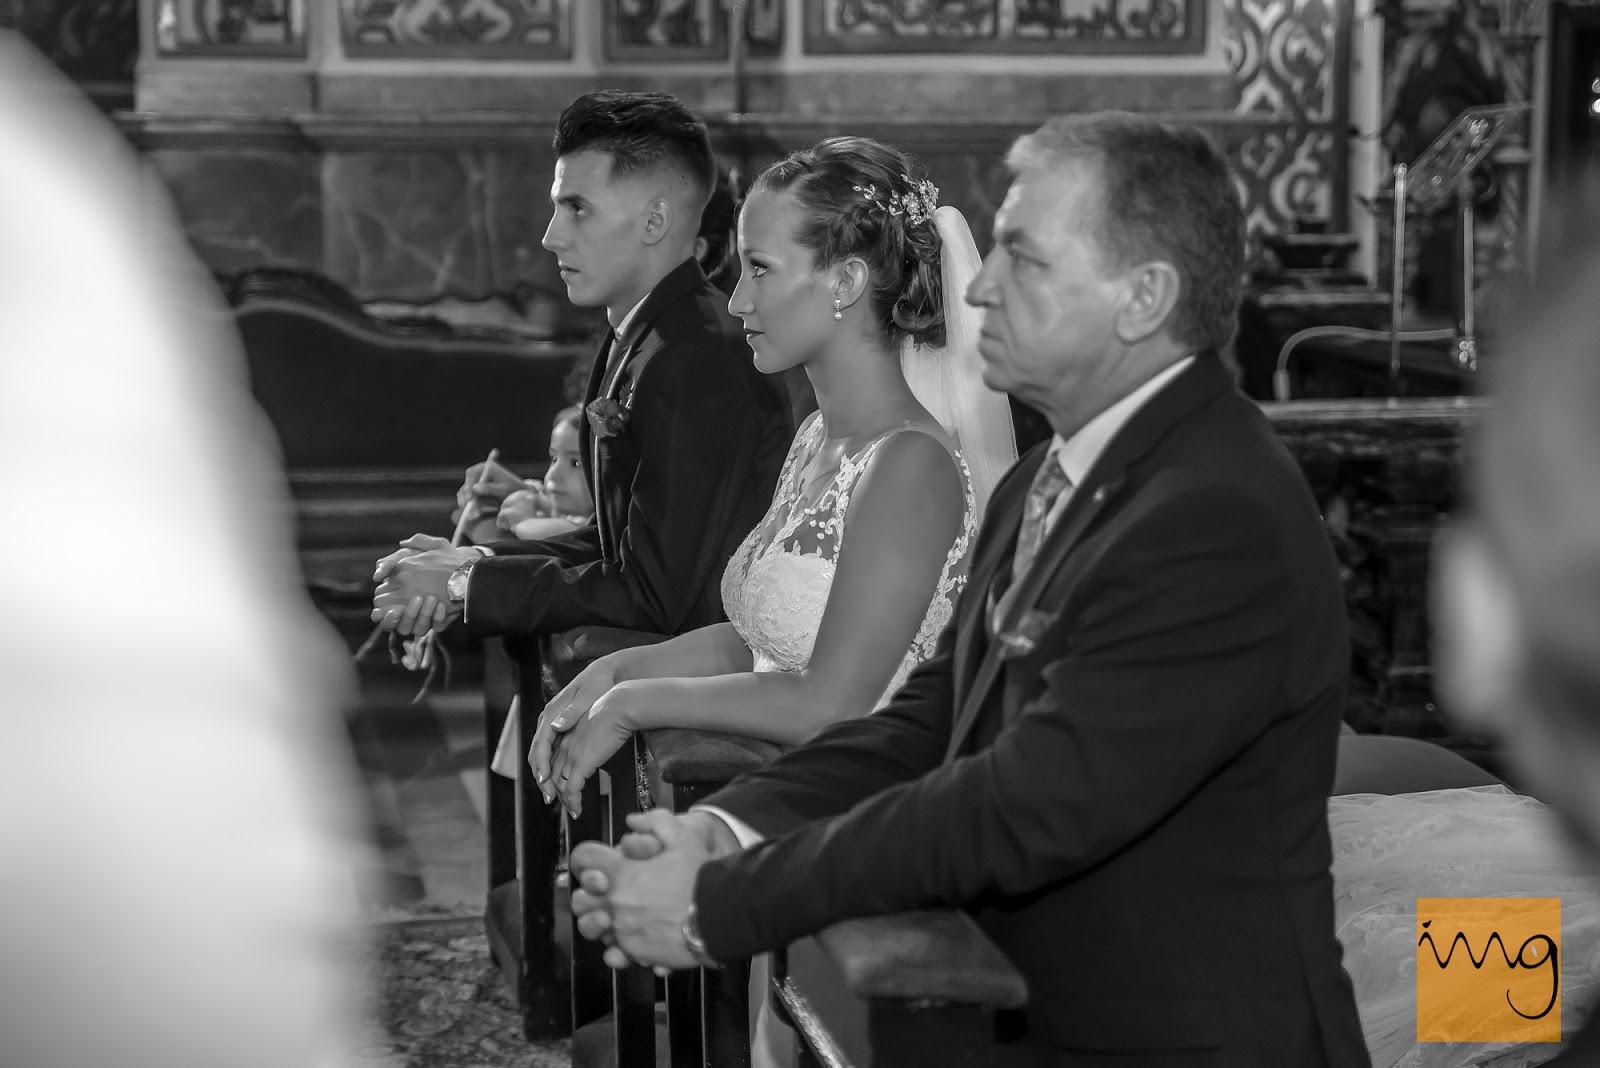 Fotografía de los novios arrodillados frente al altar el día de su boda